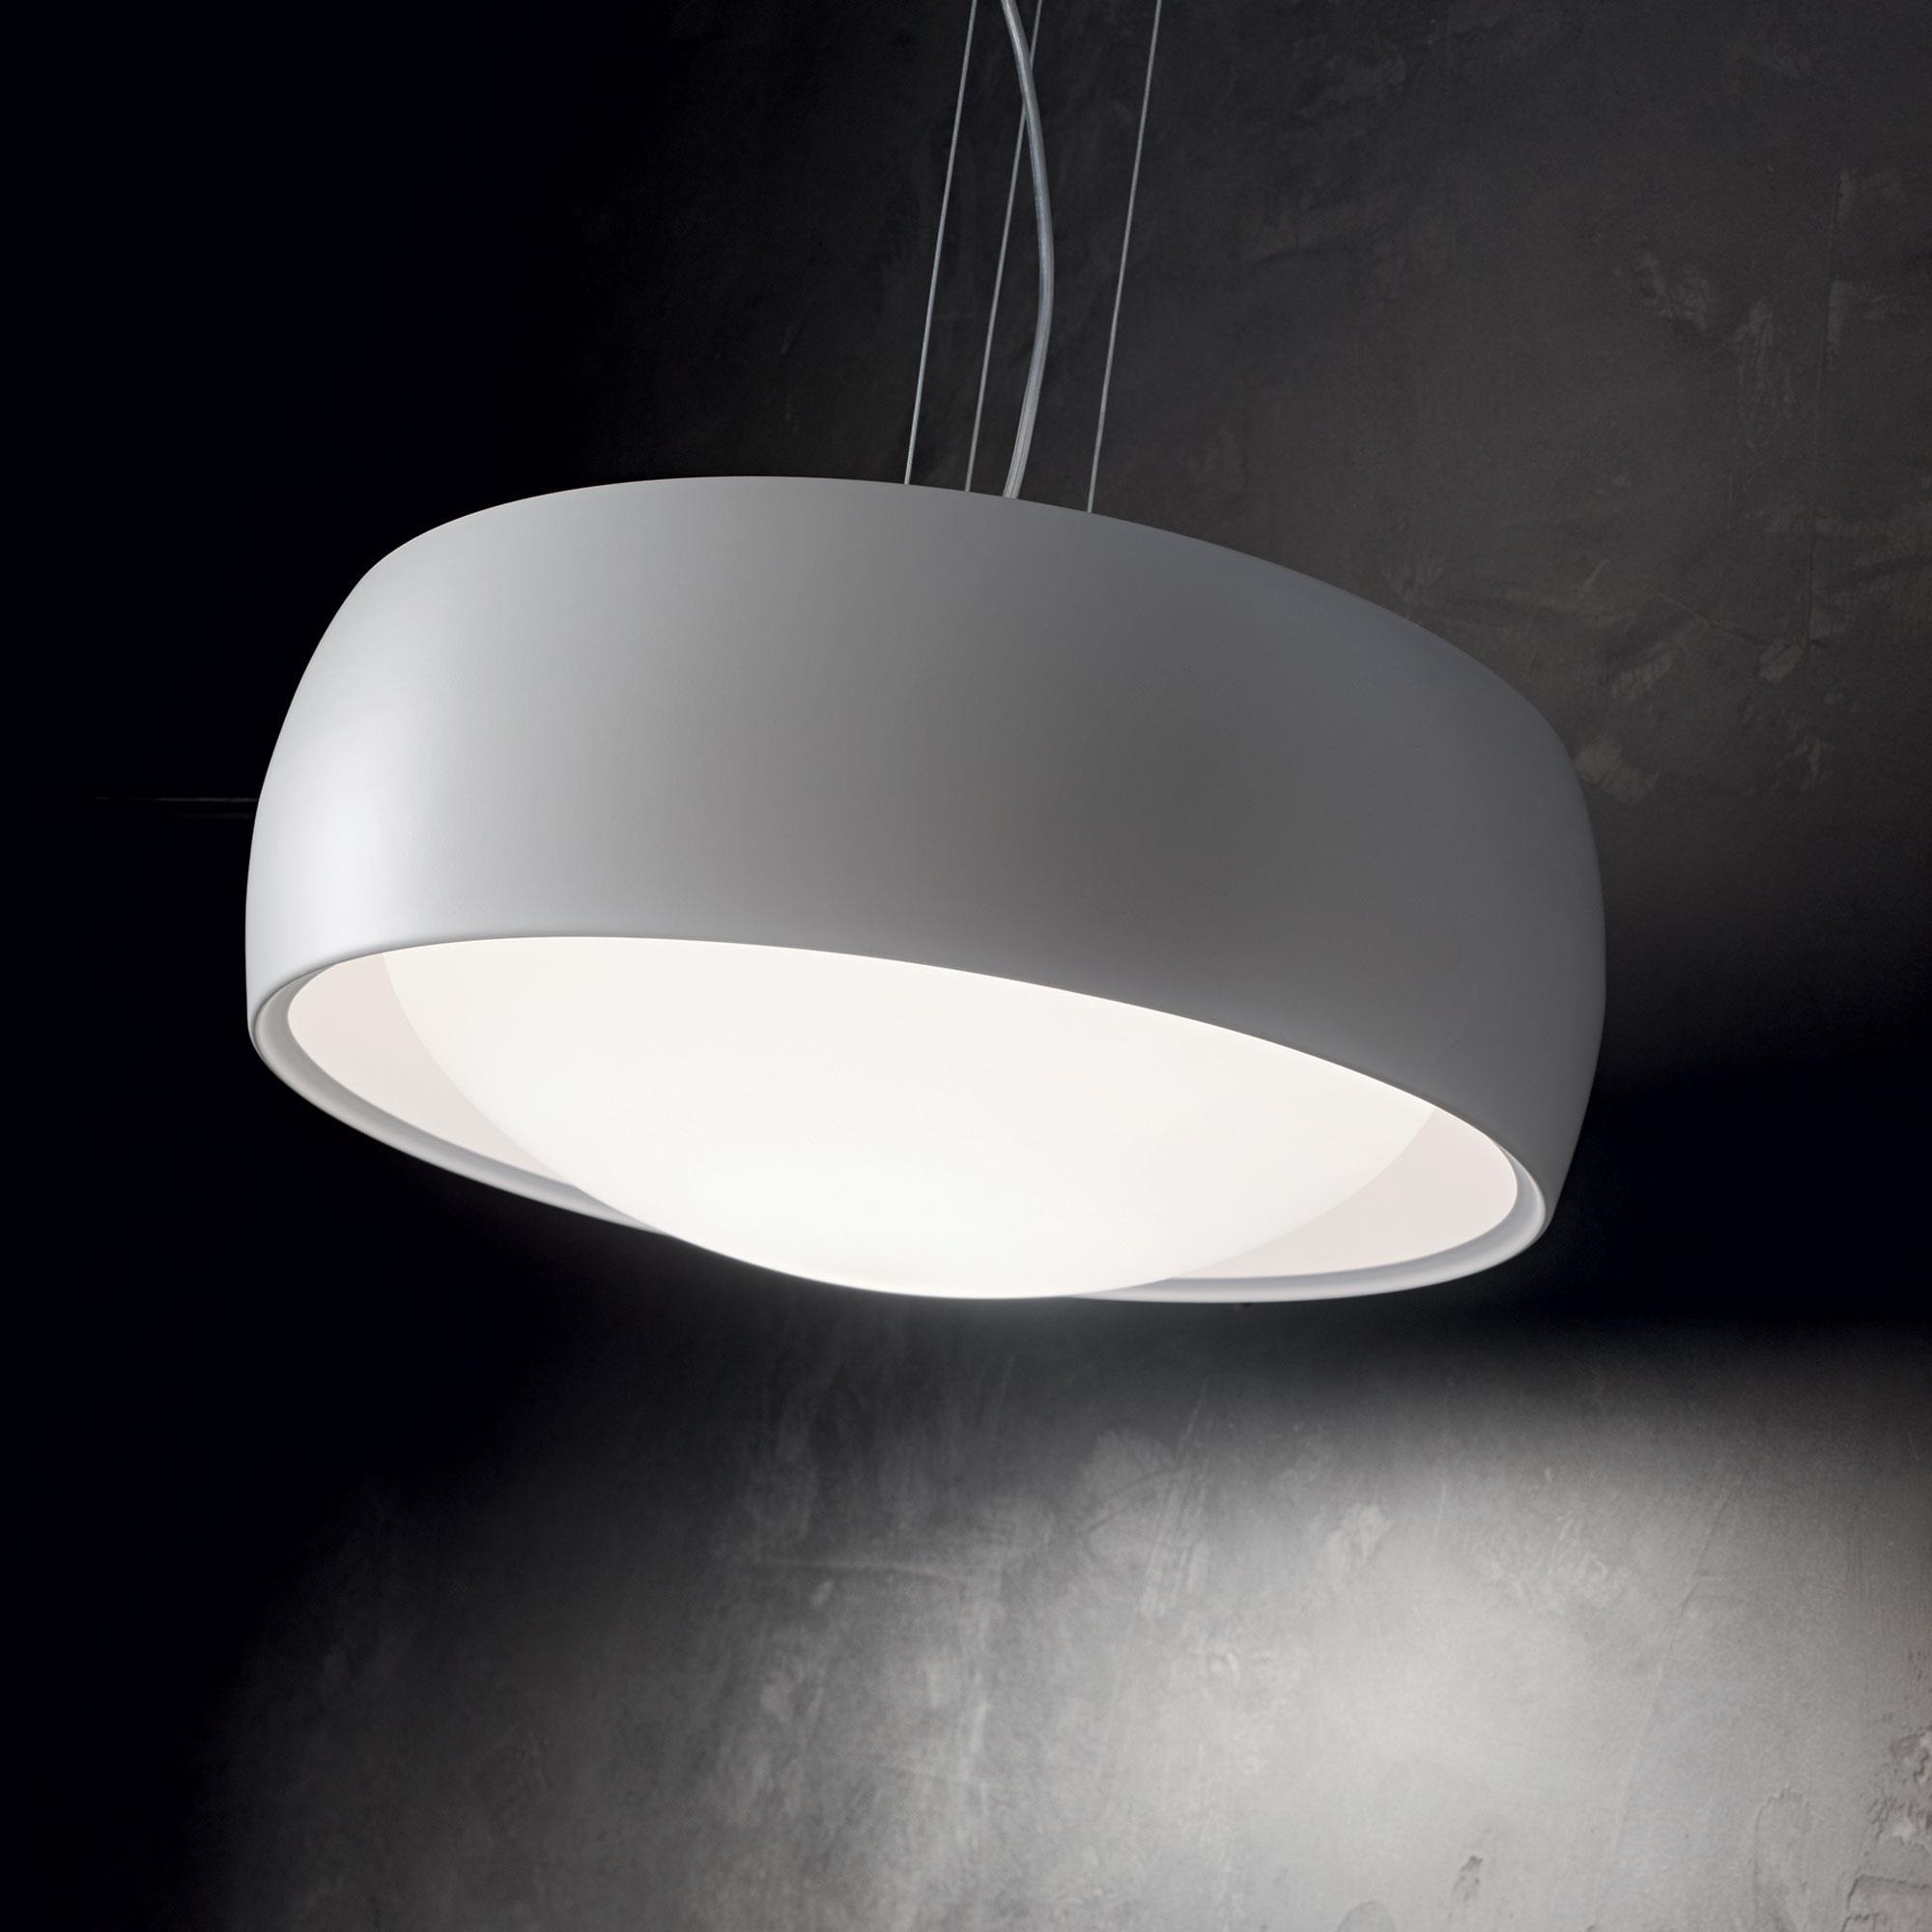 Ideal Lux 159560 COMFORT SP1 GRIGIO lámpa függeszték